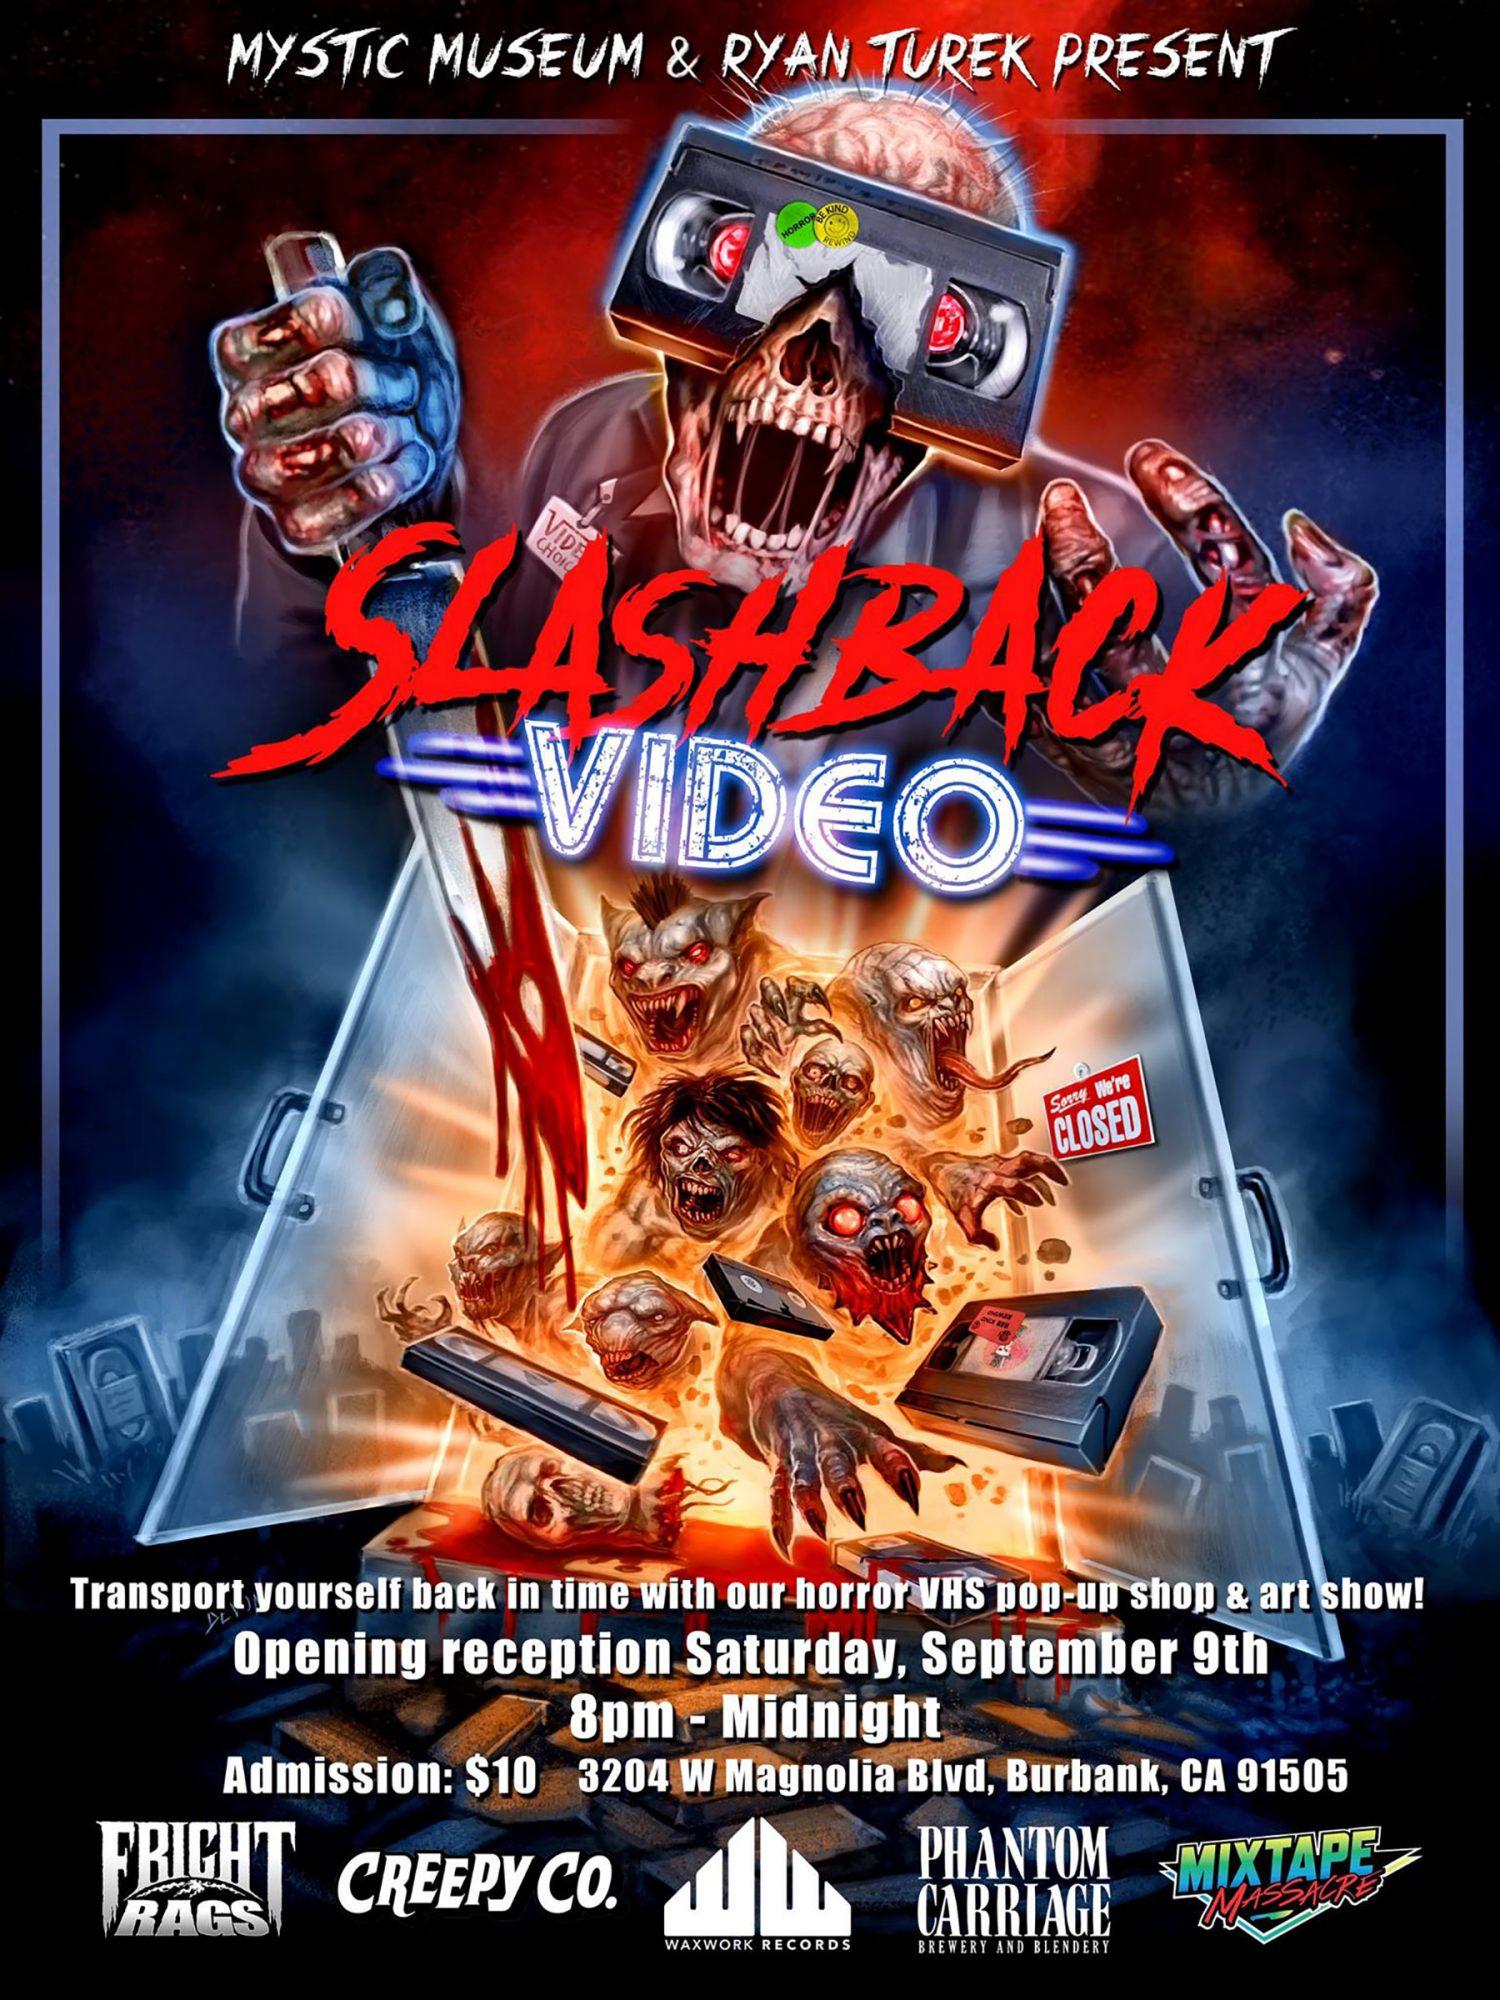 Slashback Video